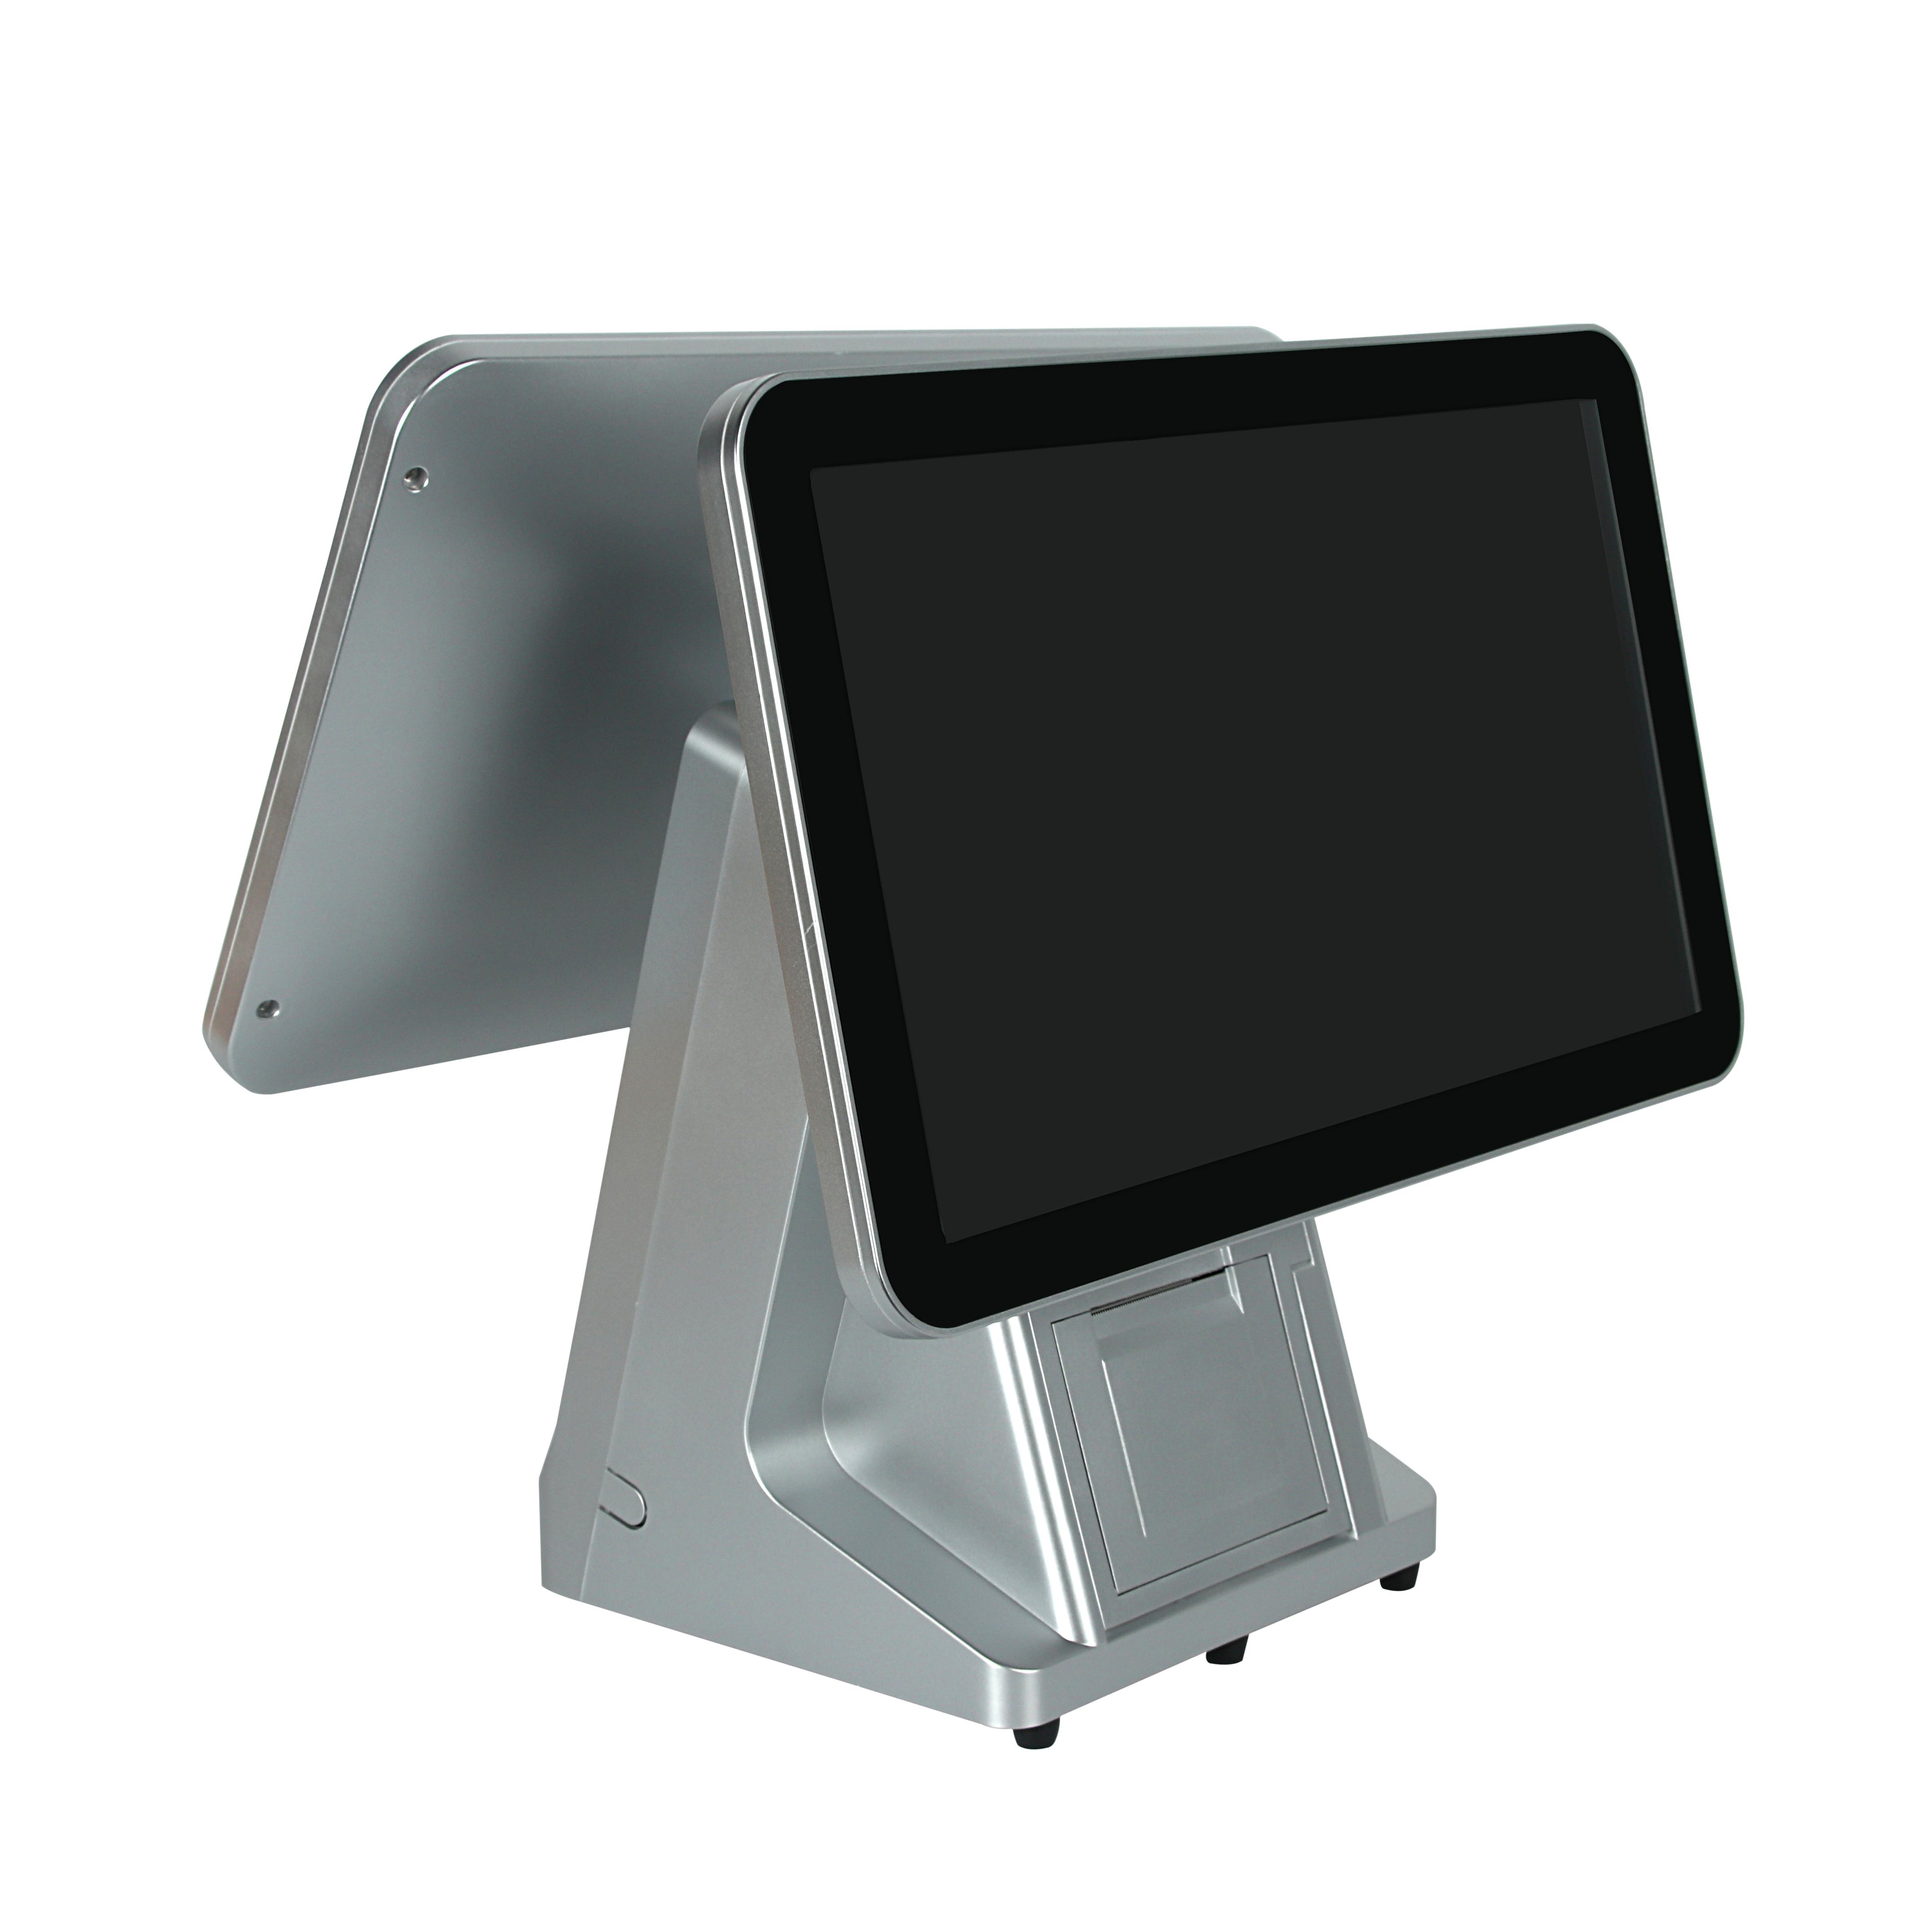 Кассовый аппарат с сенсорным экраном диаметром 15 дюймов и принтером 58 мм